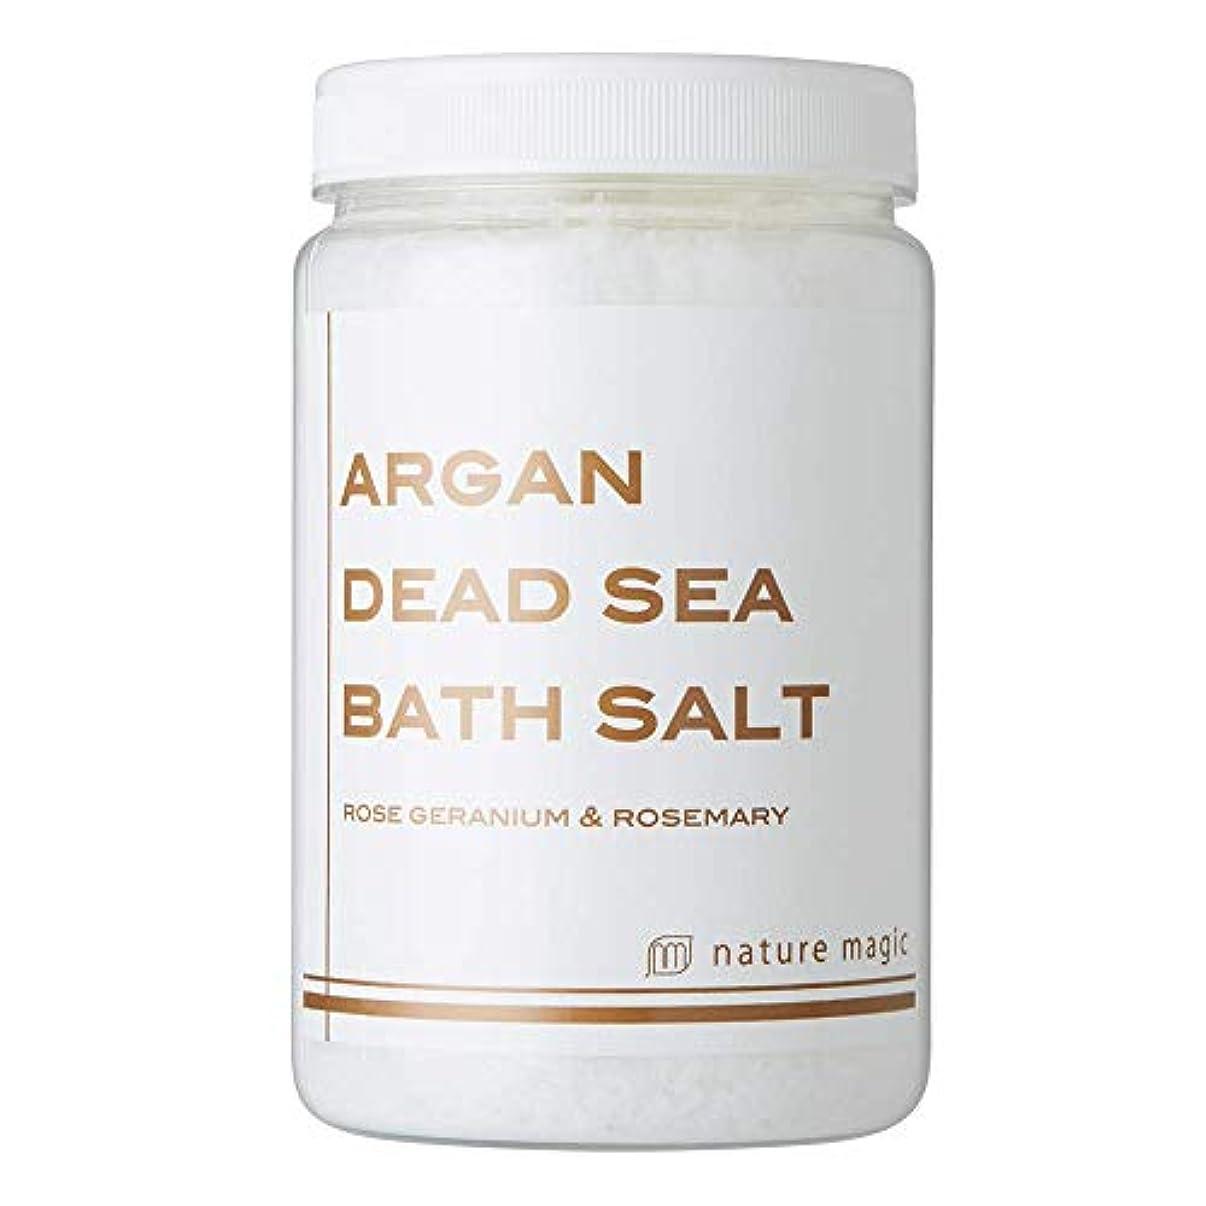 を通して振るう楽な【死海の天然塩にアルガンオイルを配合した全身ポカポカ、お肌つるつる入浴剤】アルガンデッドシーバスソルト